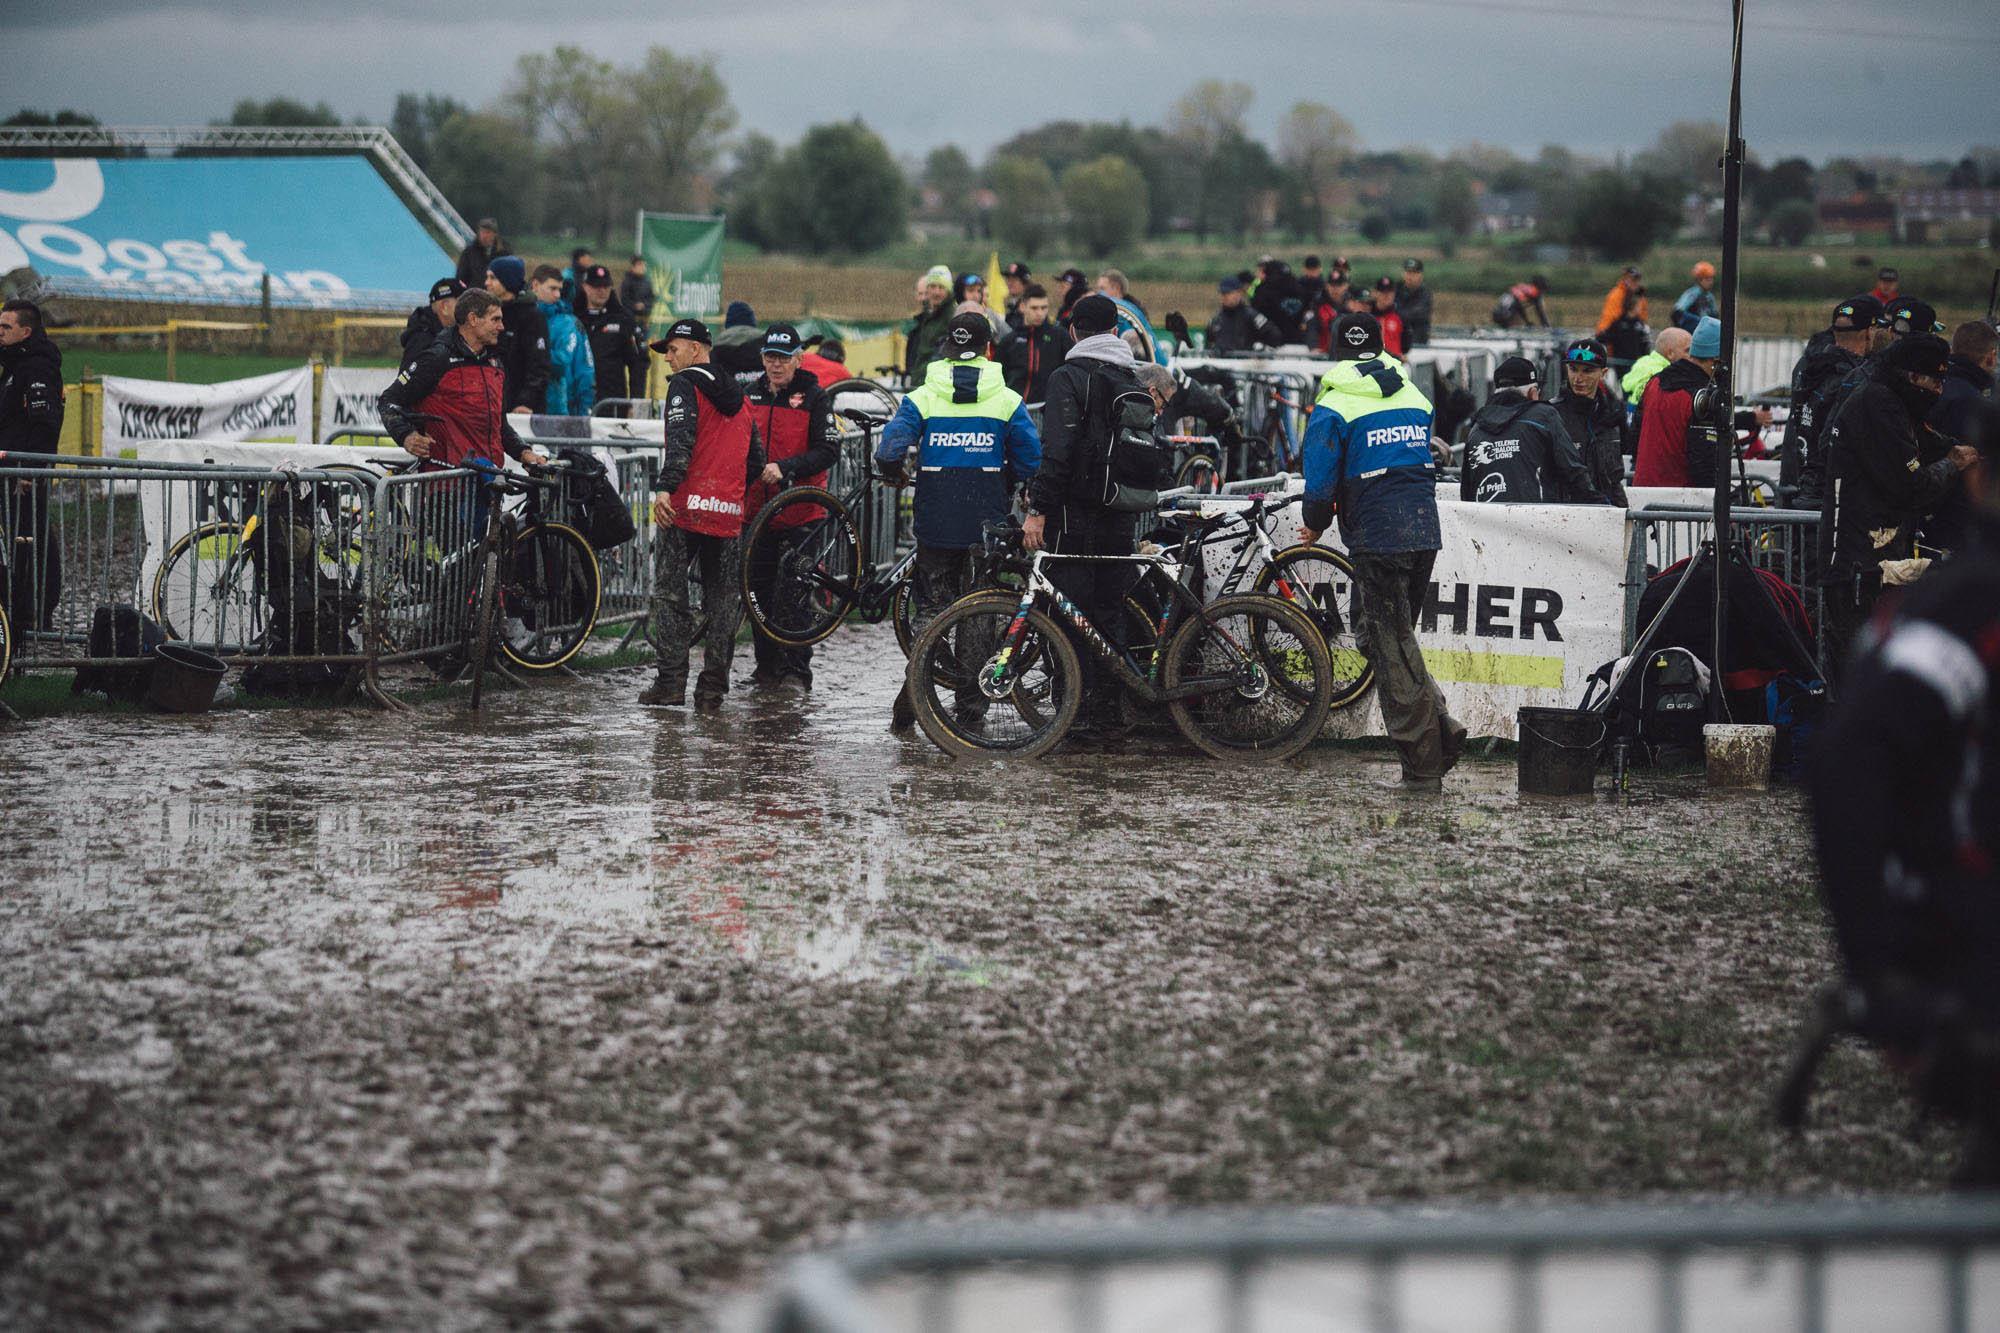 Cyclocross - DVV Verzekeringen Trofee #1, Koppenbergcross